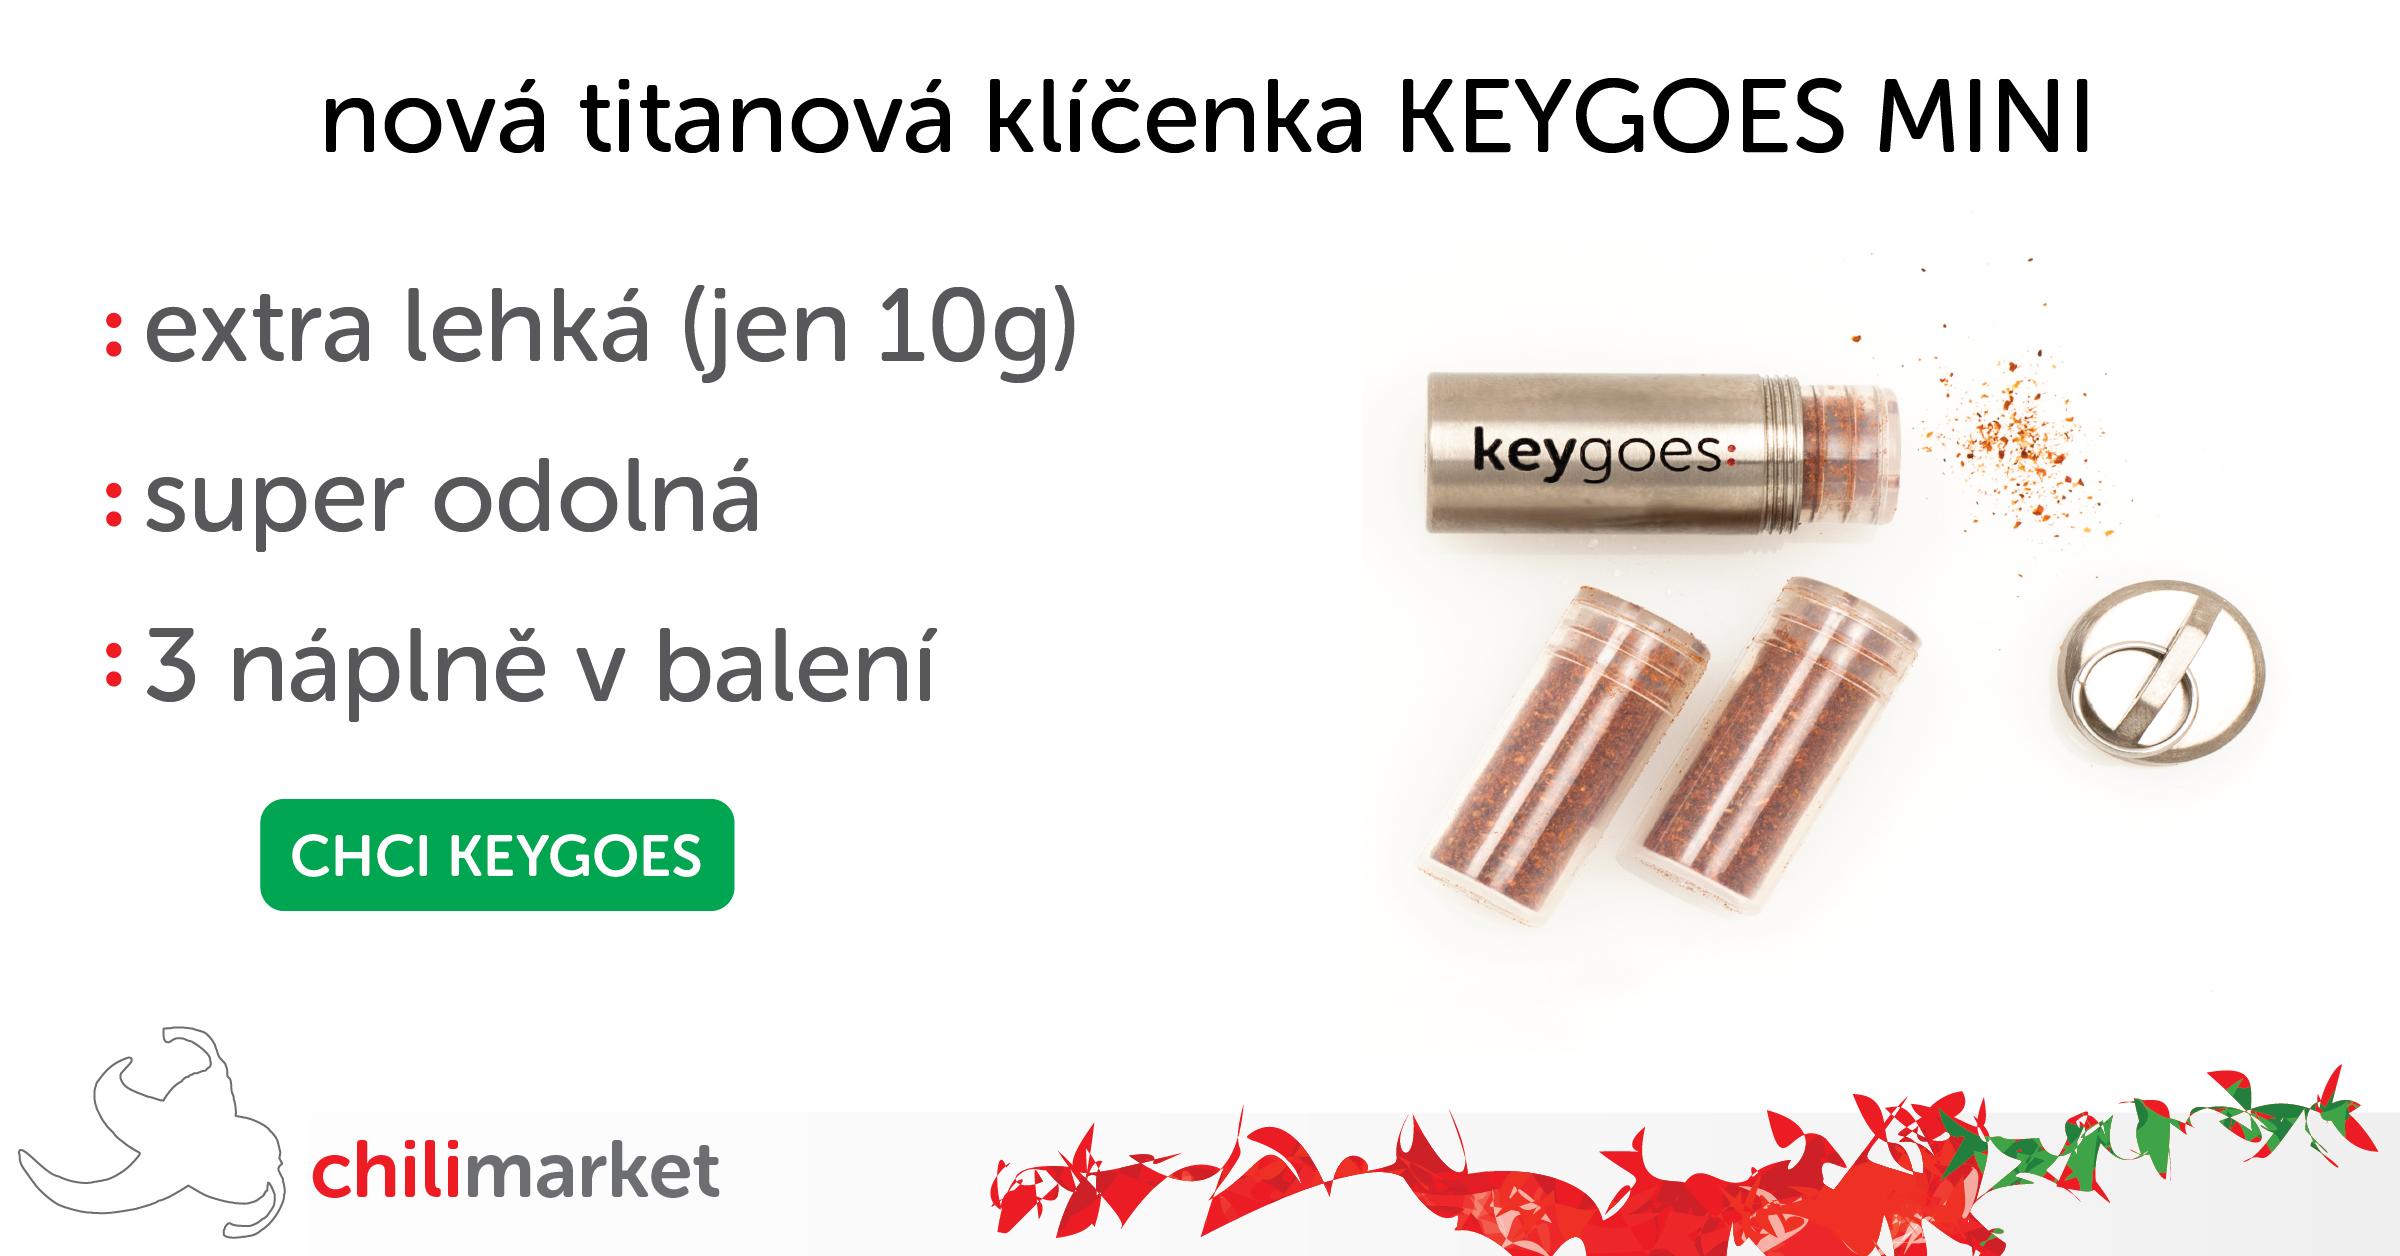 keygoes mini